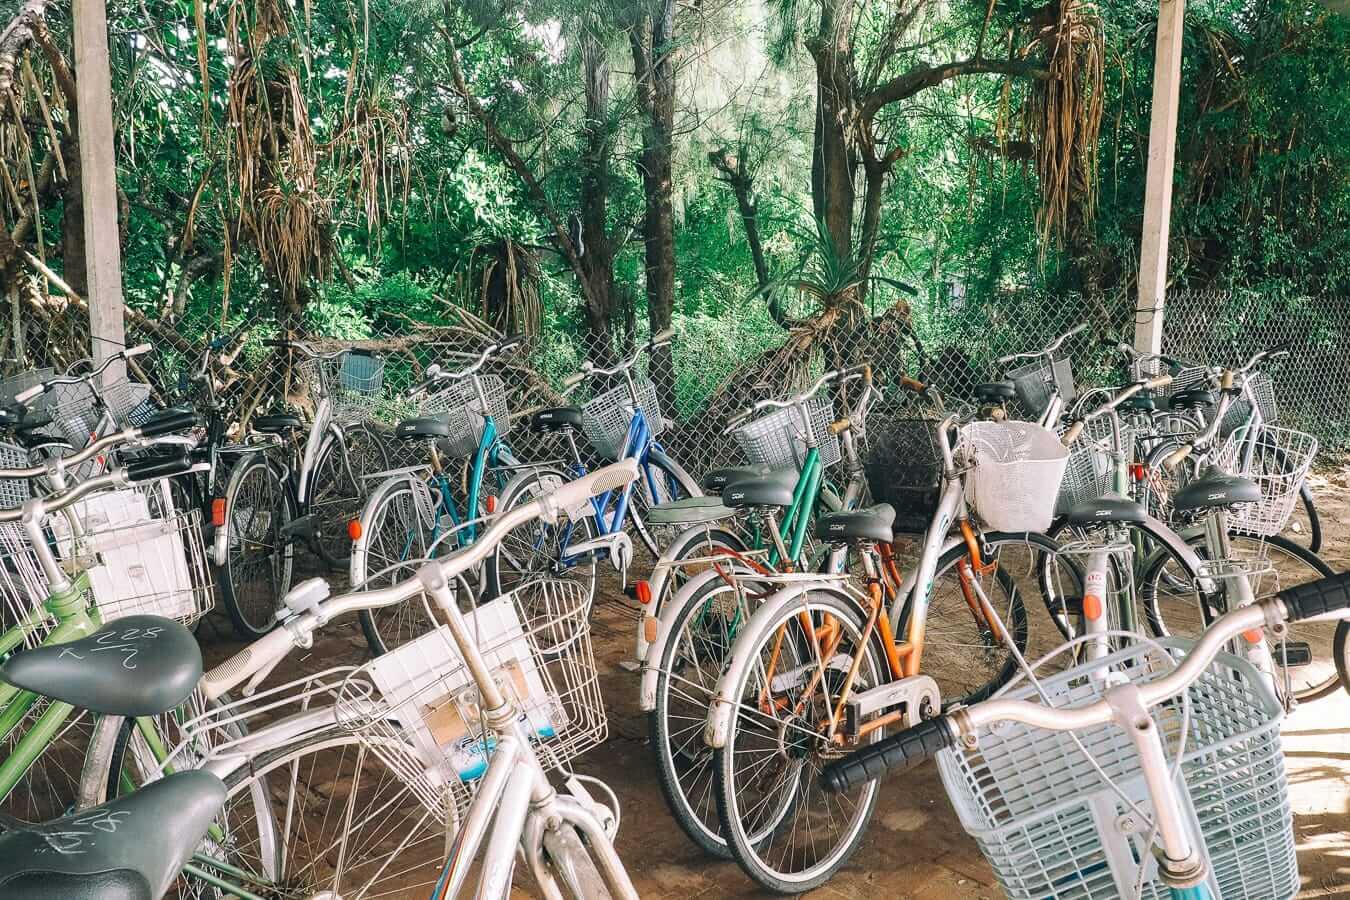 Bicycle parking at An Bang Beach